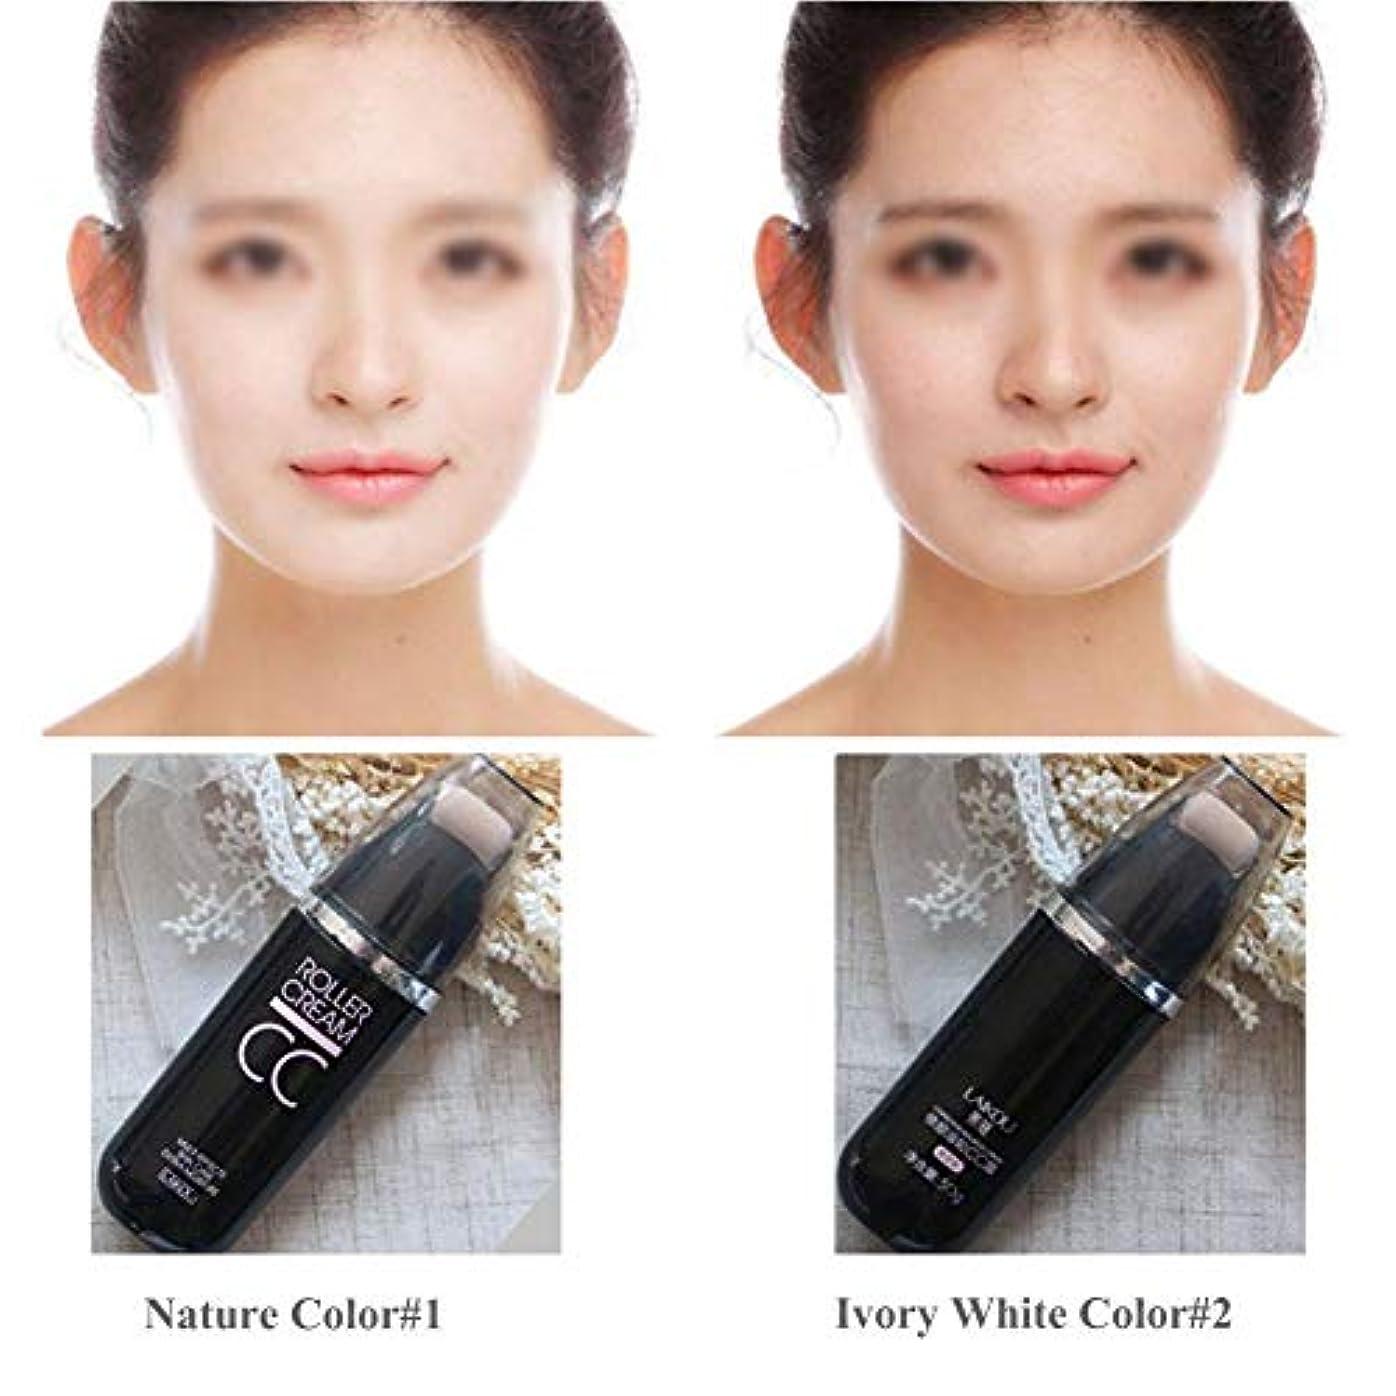 任命するシャッフル一時解雇する化粧ベース、BBクリームエアクッションBBクリームは肌を明るくし、シミや毛穴を覆い、絶妙な外観を作り出します。防水コンシーラーファンデーション(#2)